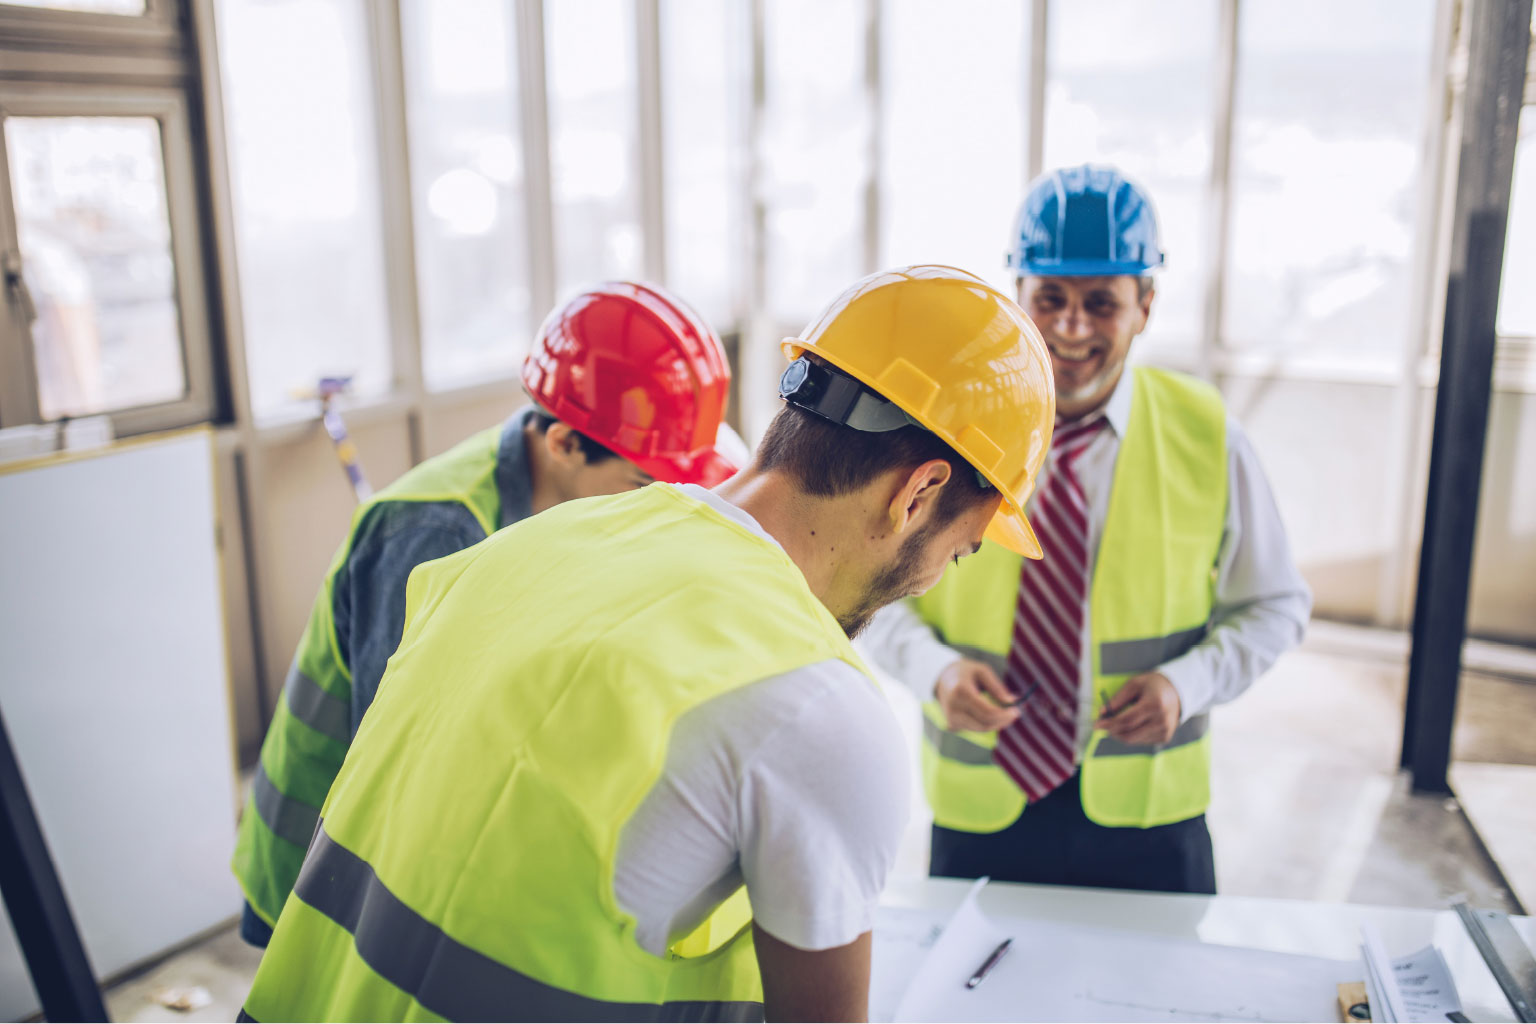 Grupa osób dyskutuje nad budowlanymi planami inwestycyjnymi w szpitalu